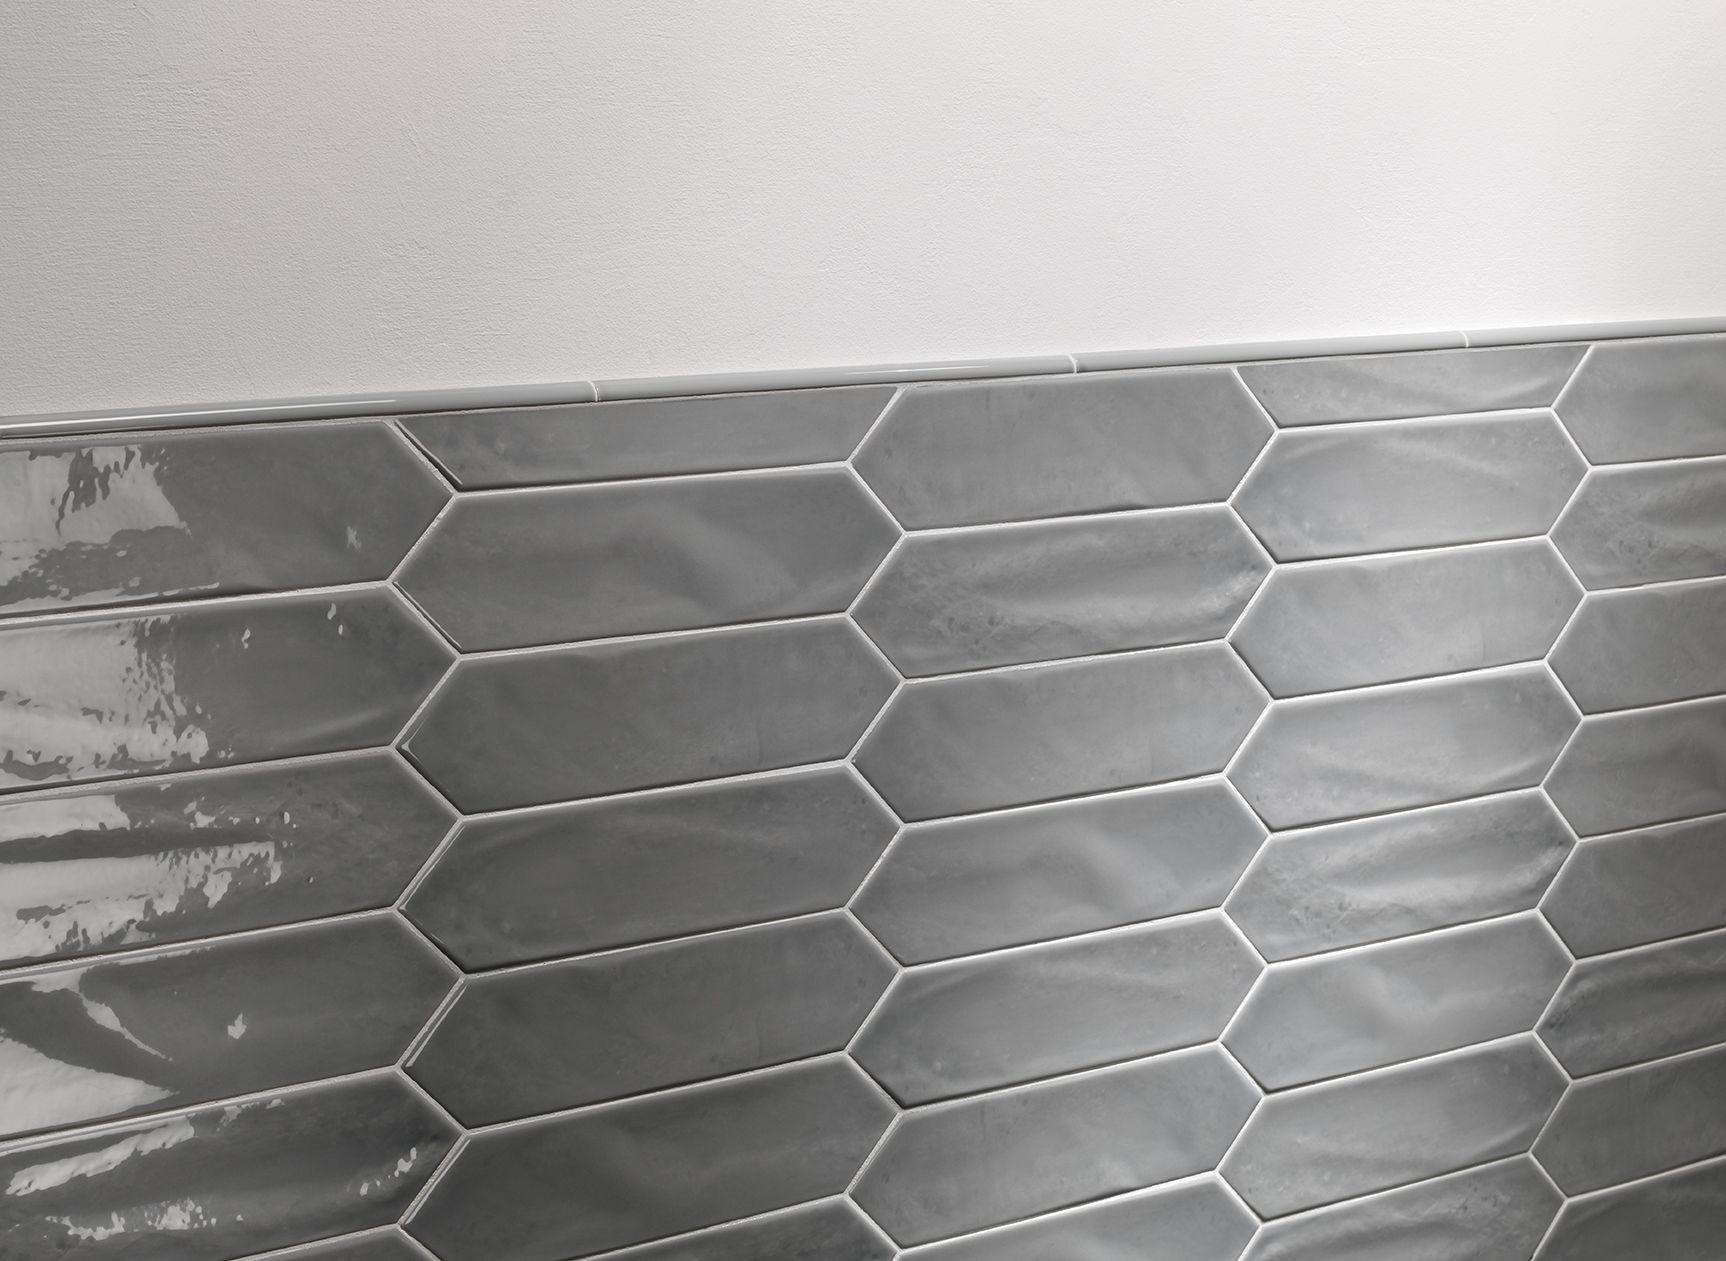 Crayon tile backsplash | Home & Hearth in 2019 | Tiles